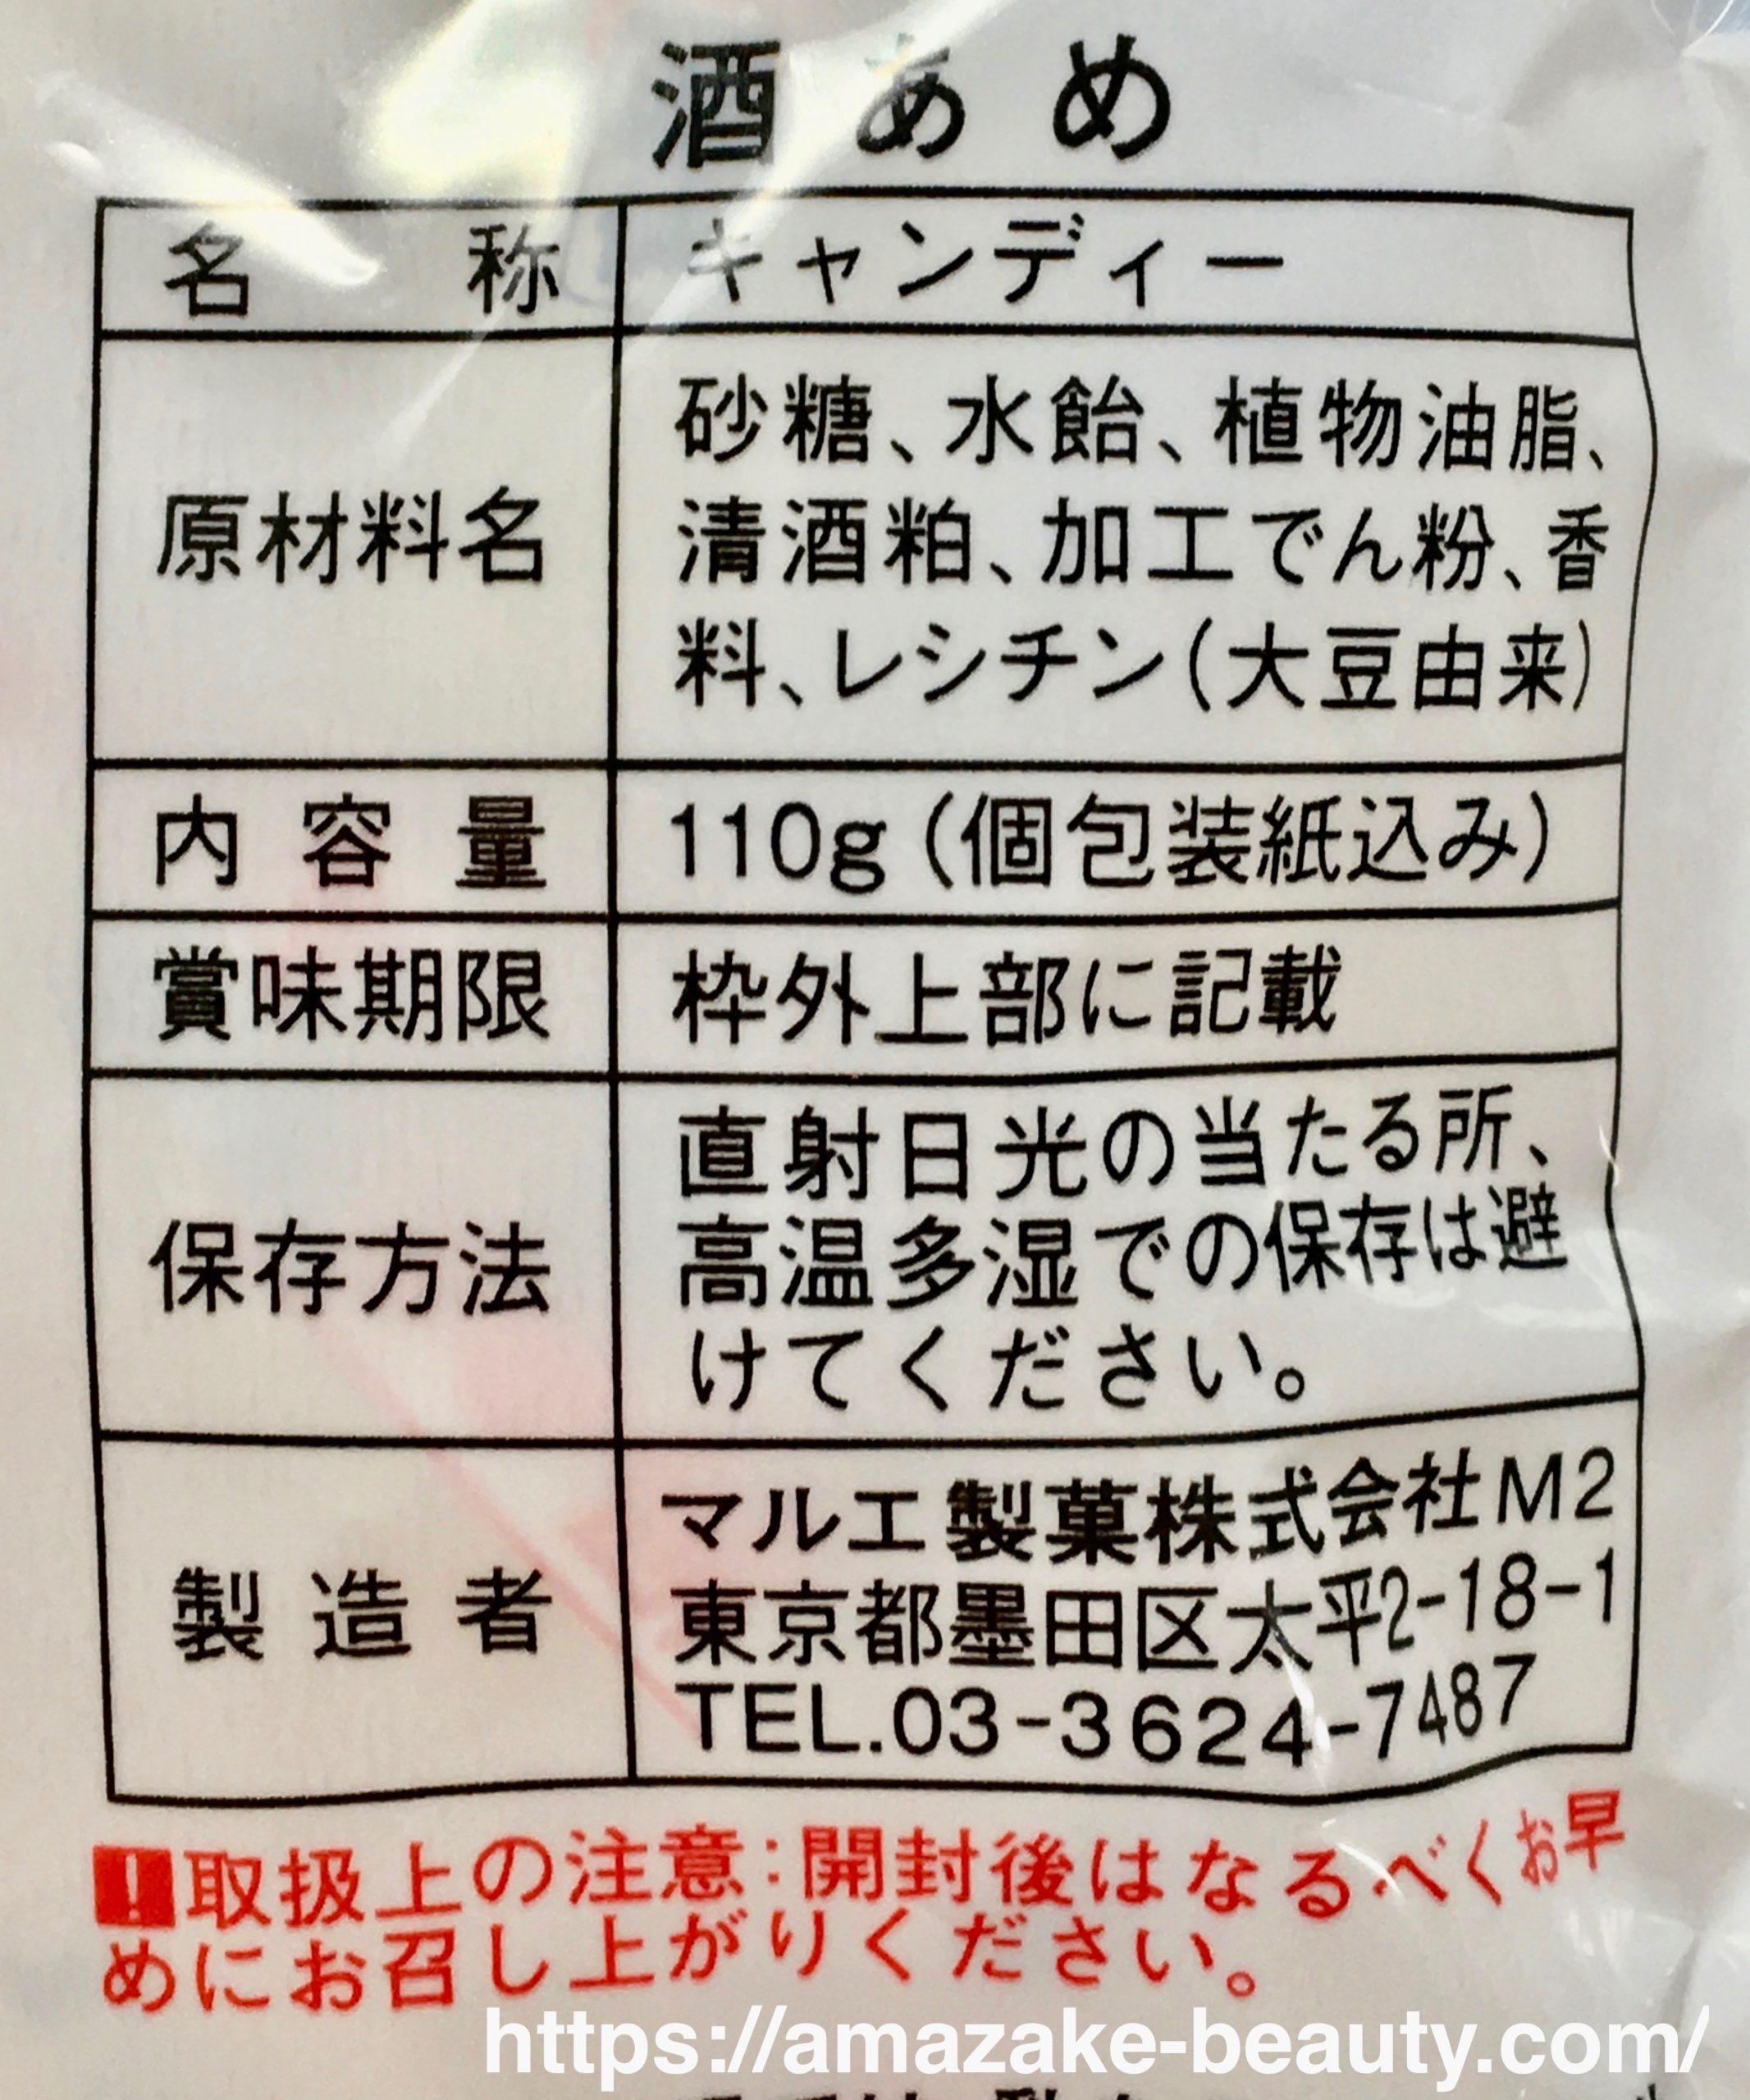 【甘酒甘味】マルエ製菓『酒あめ(商品情報)